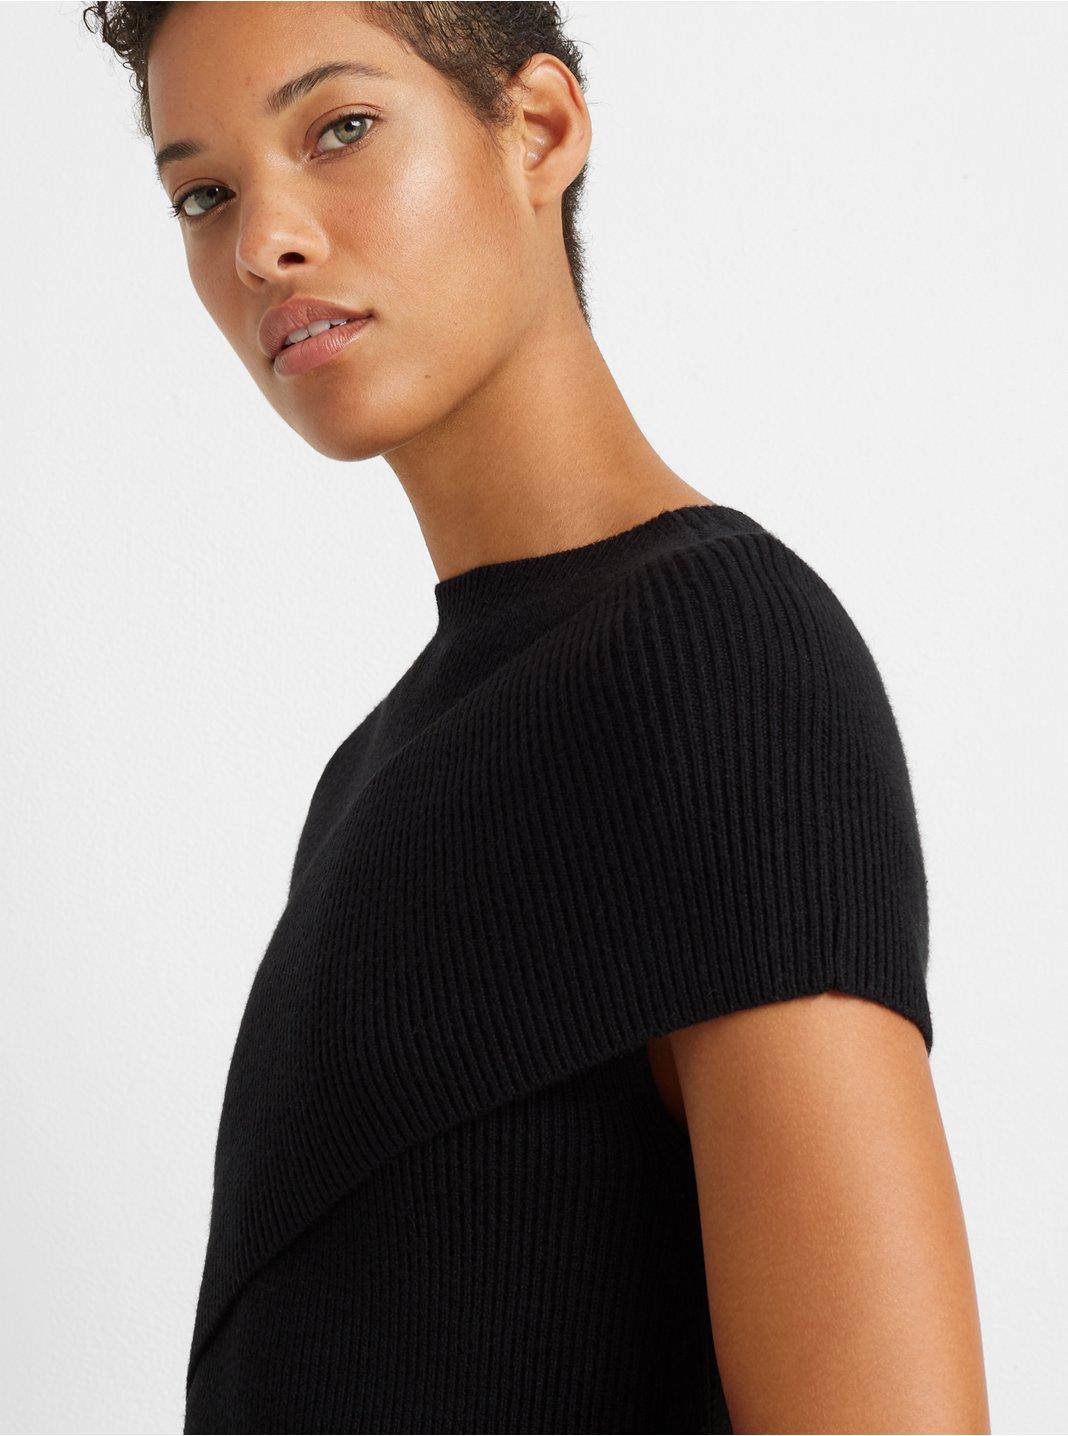 Marlove Merino Wool Sweater